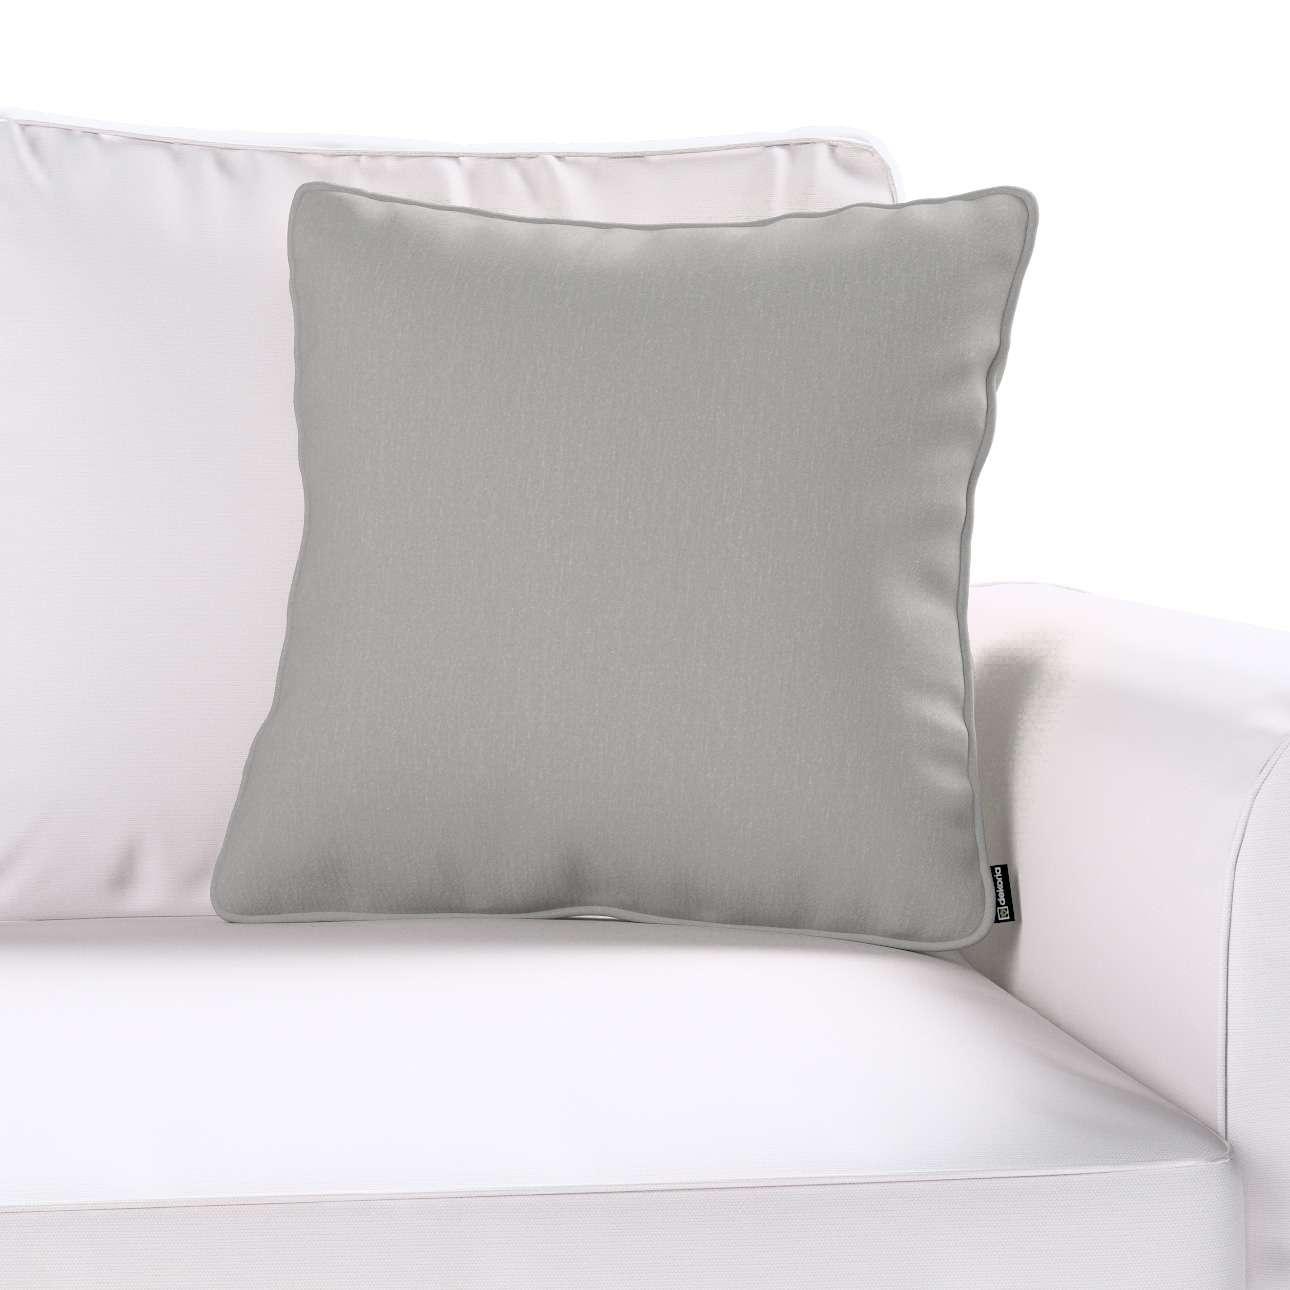 Poszewka Gabi na poduszkę 45 x 45 cm w kolekcji Chenille, tkanina: 702-23